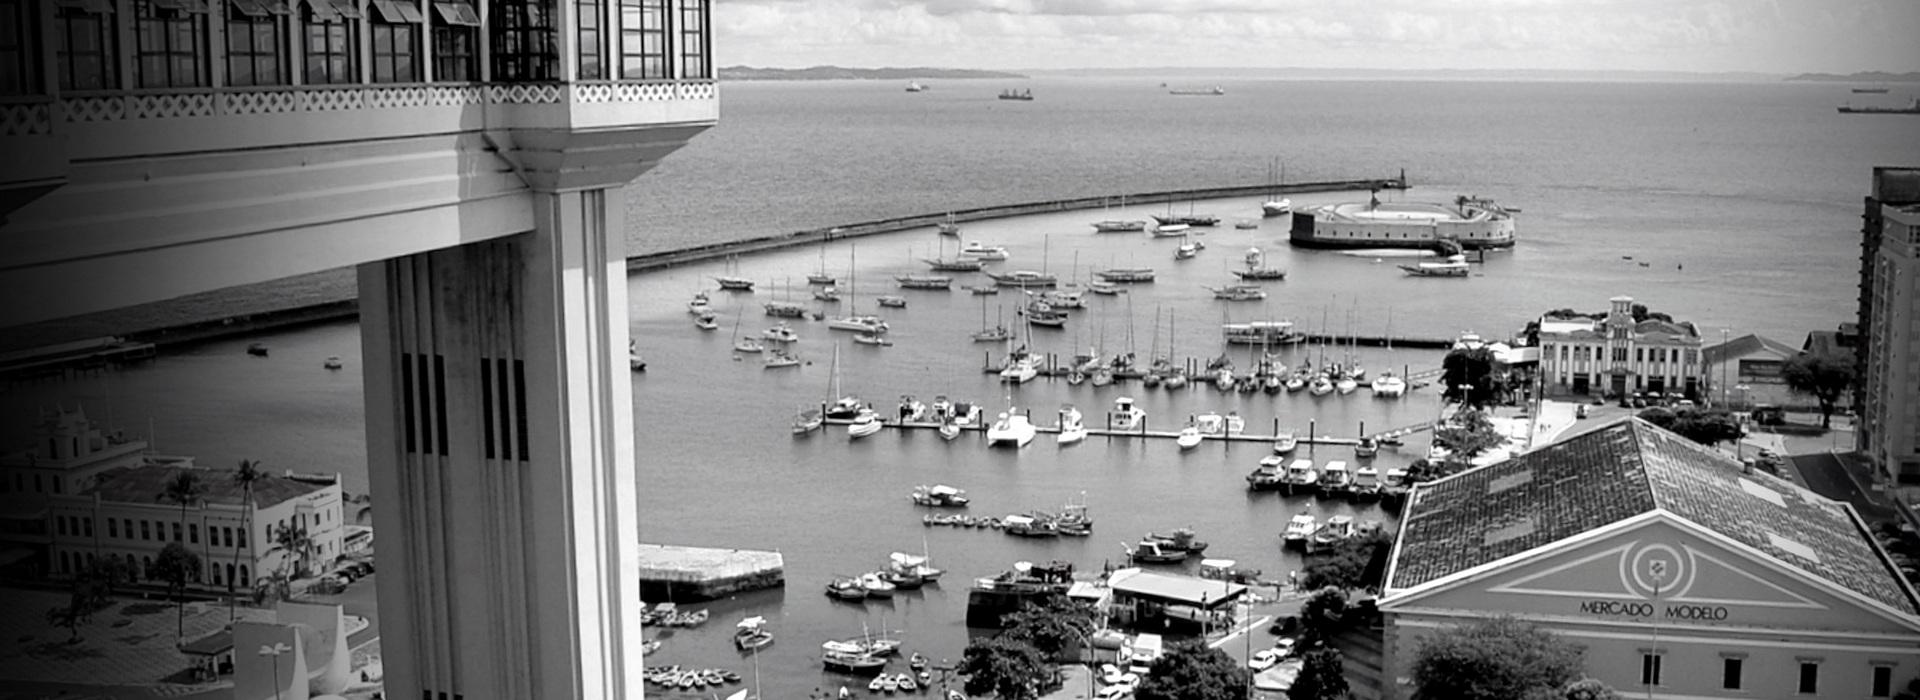 Lugares do Mundo de São Salvador da Bahia em Salvador